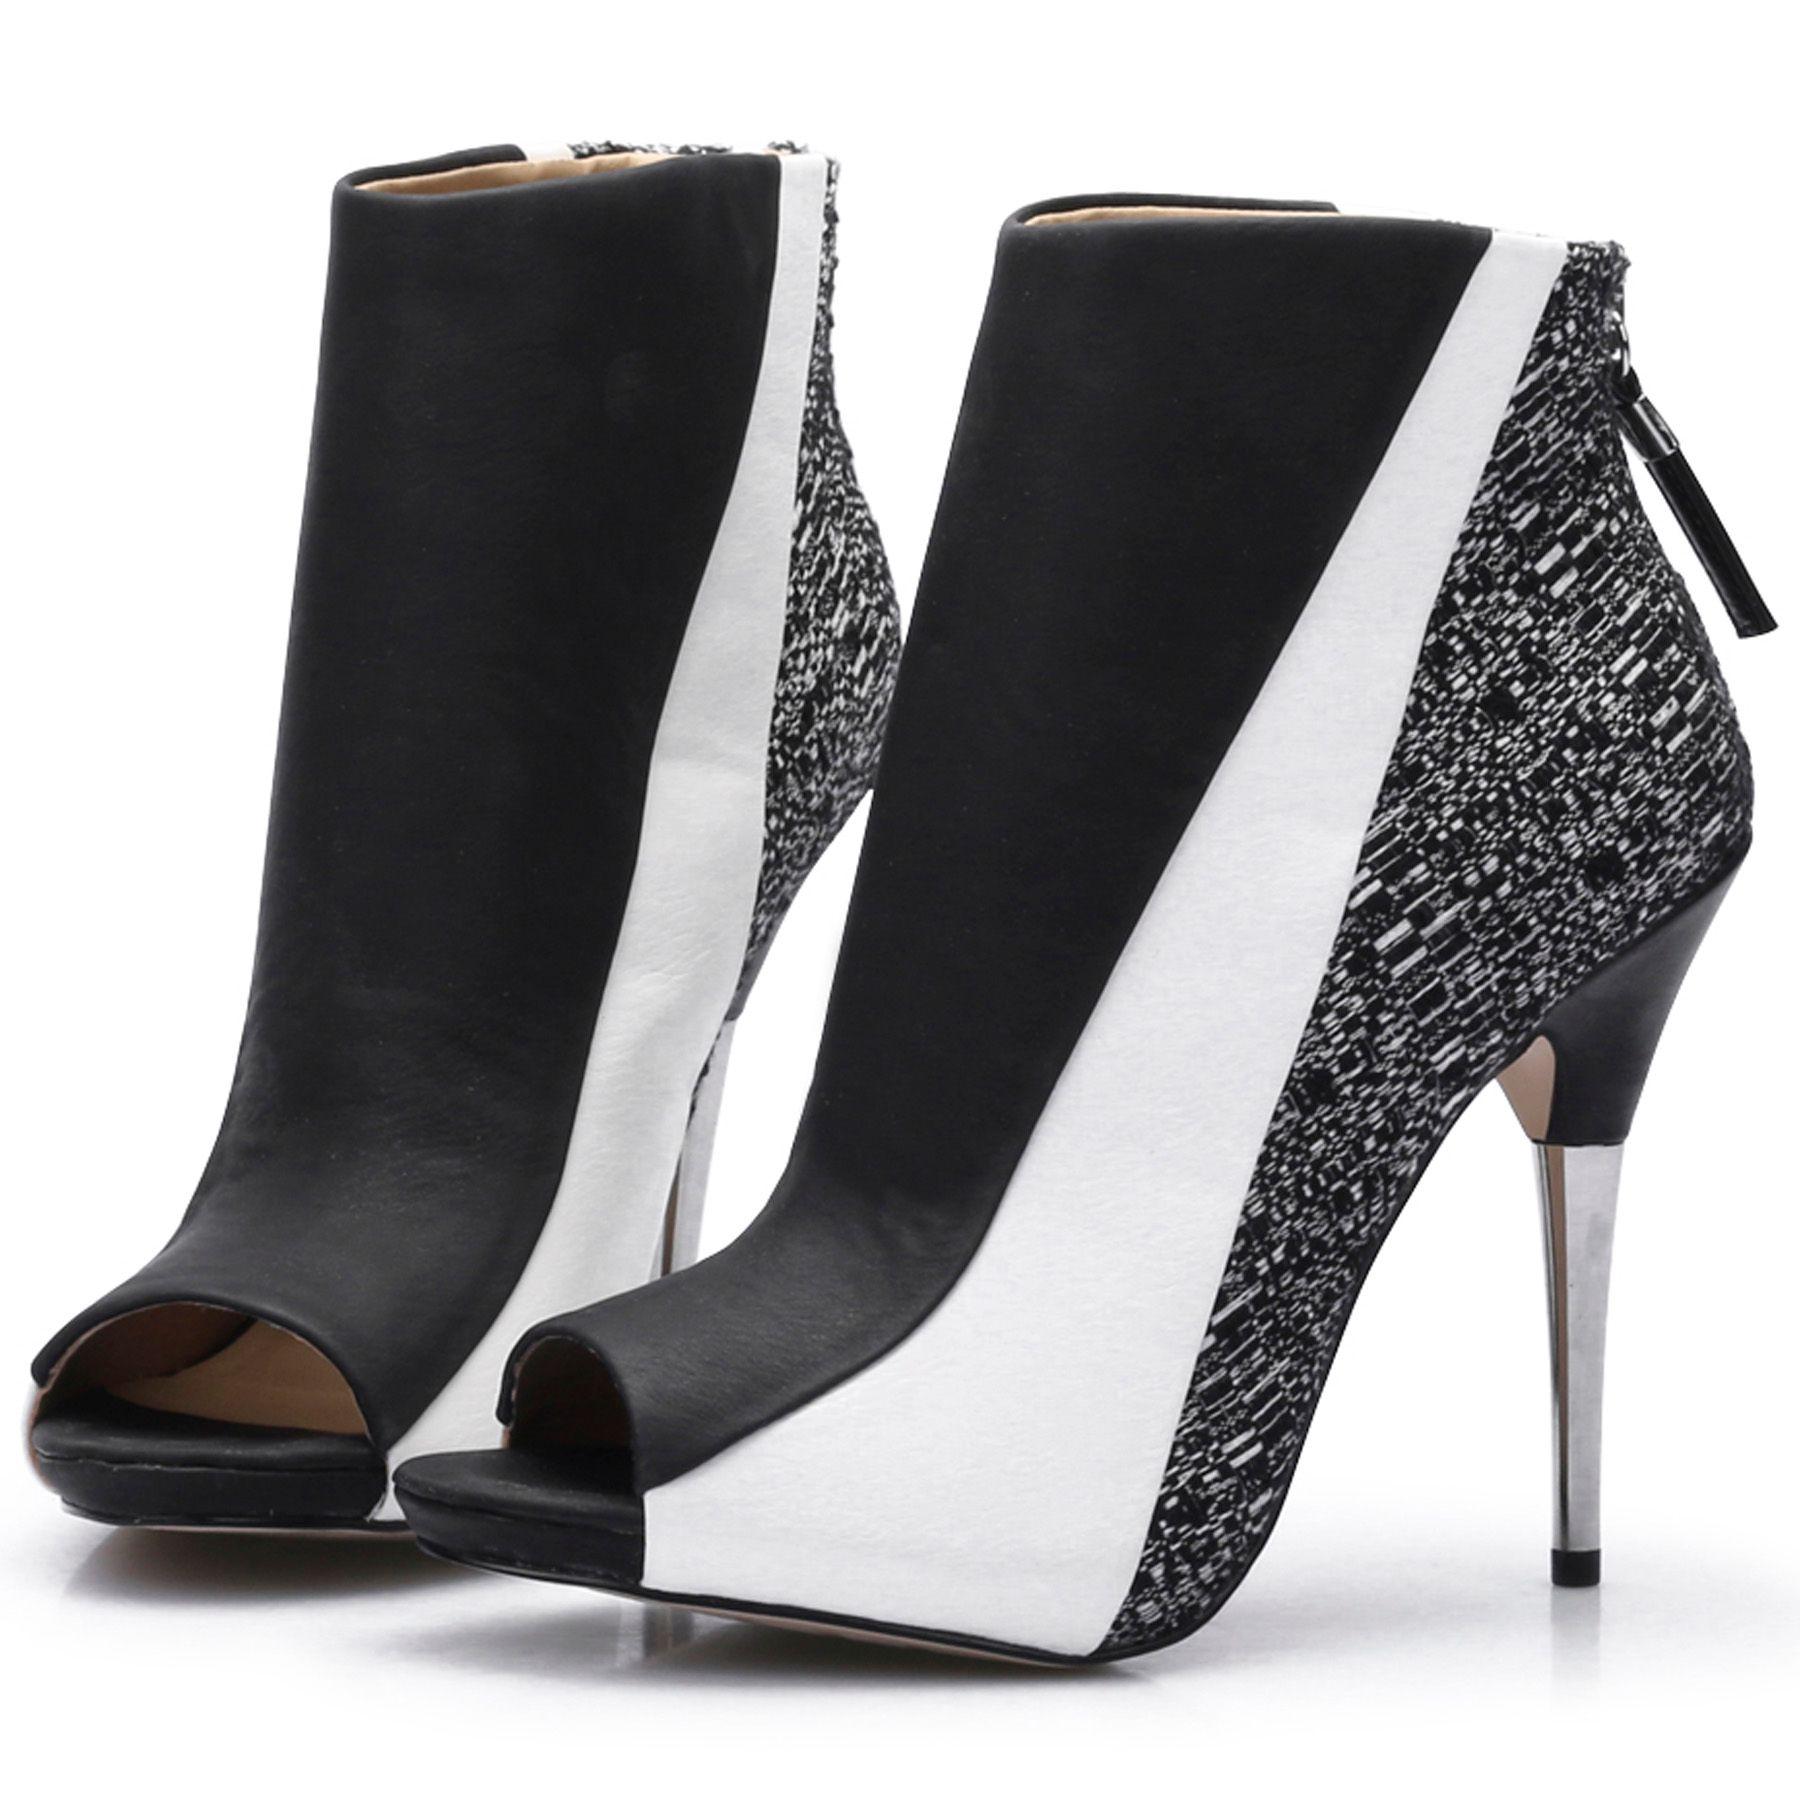 Stivaletti patchwork in pelle nera e bianca Donna Stivaletti spuntati tacchi alti in metallo Stivaletti zeppa Mujer Zapatos